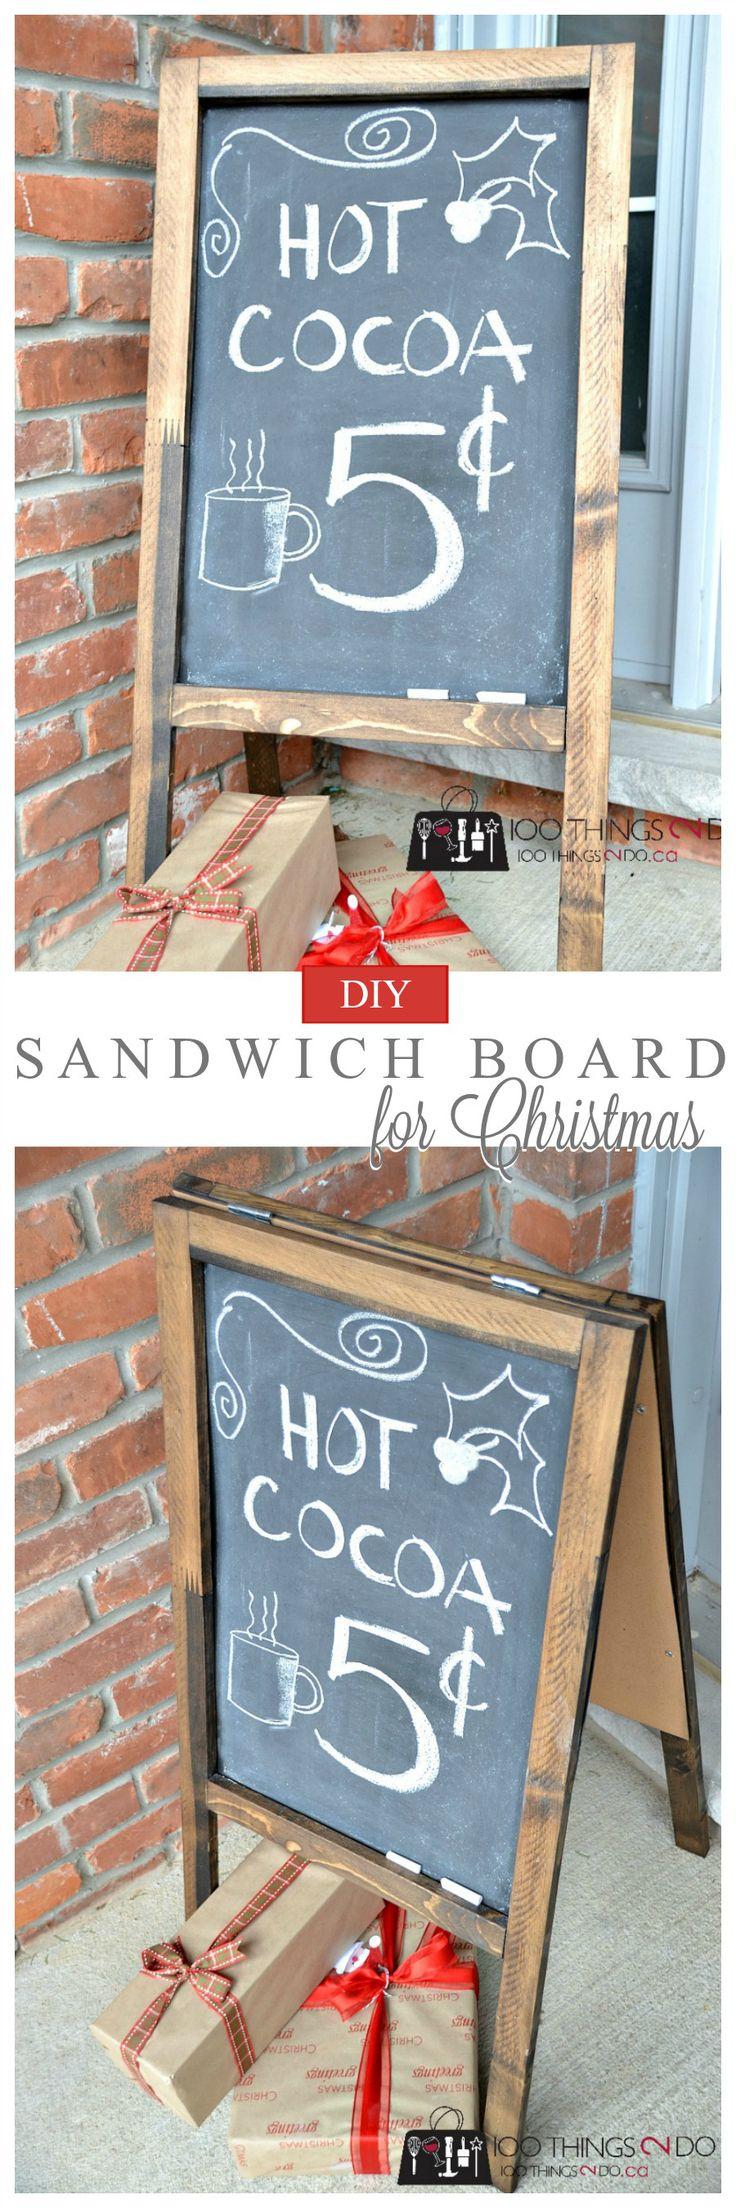 DIY Sandwich Board (PLus design ideas for Christmas!)